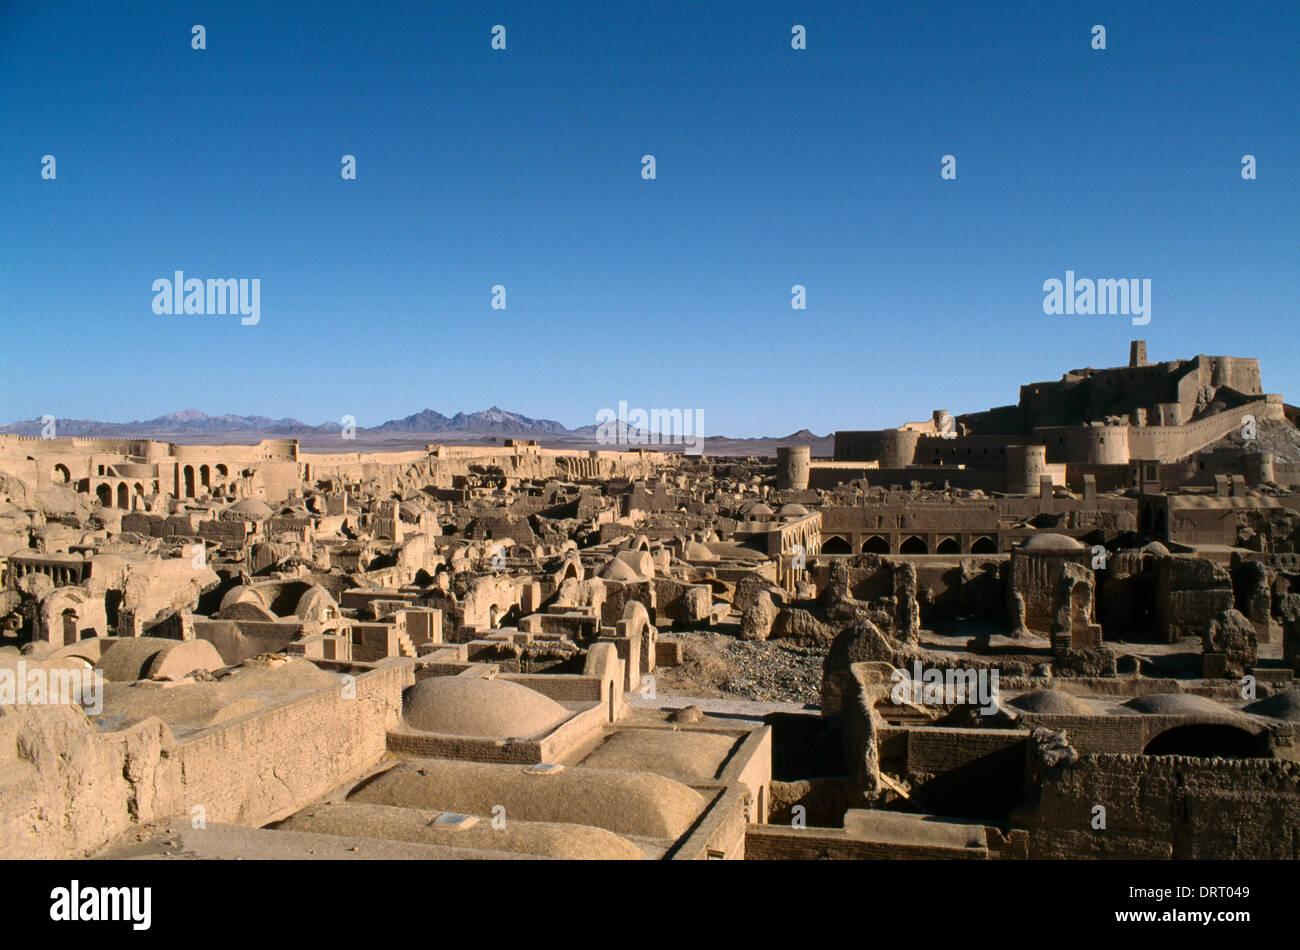 Bam Iran-Arg e Bam medievale di mattoni di fango città Cittadella Safavid C17th oasi nel deserto dopo C xix secolo massacro Immagini Stock